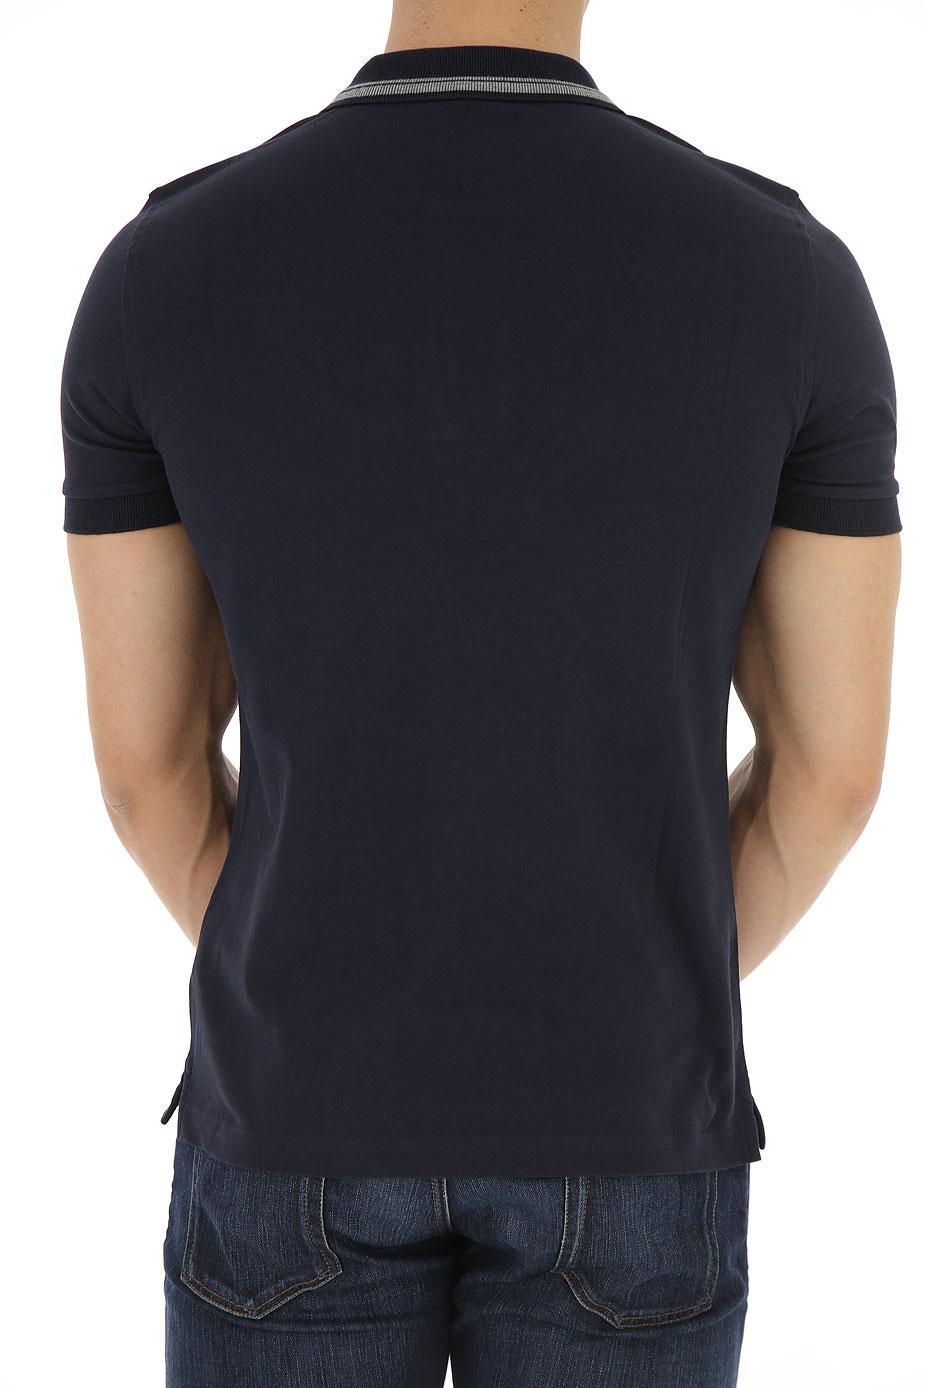 Uomo Abbigliamento Abbigliamento Codice Articolo Fay Codice Articolo Fay Uomo Uomo Codice Abbigliamento npmb236137sit0u807 Fay npmb236137sit0u807 1vqgz18T